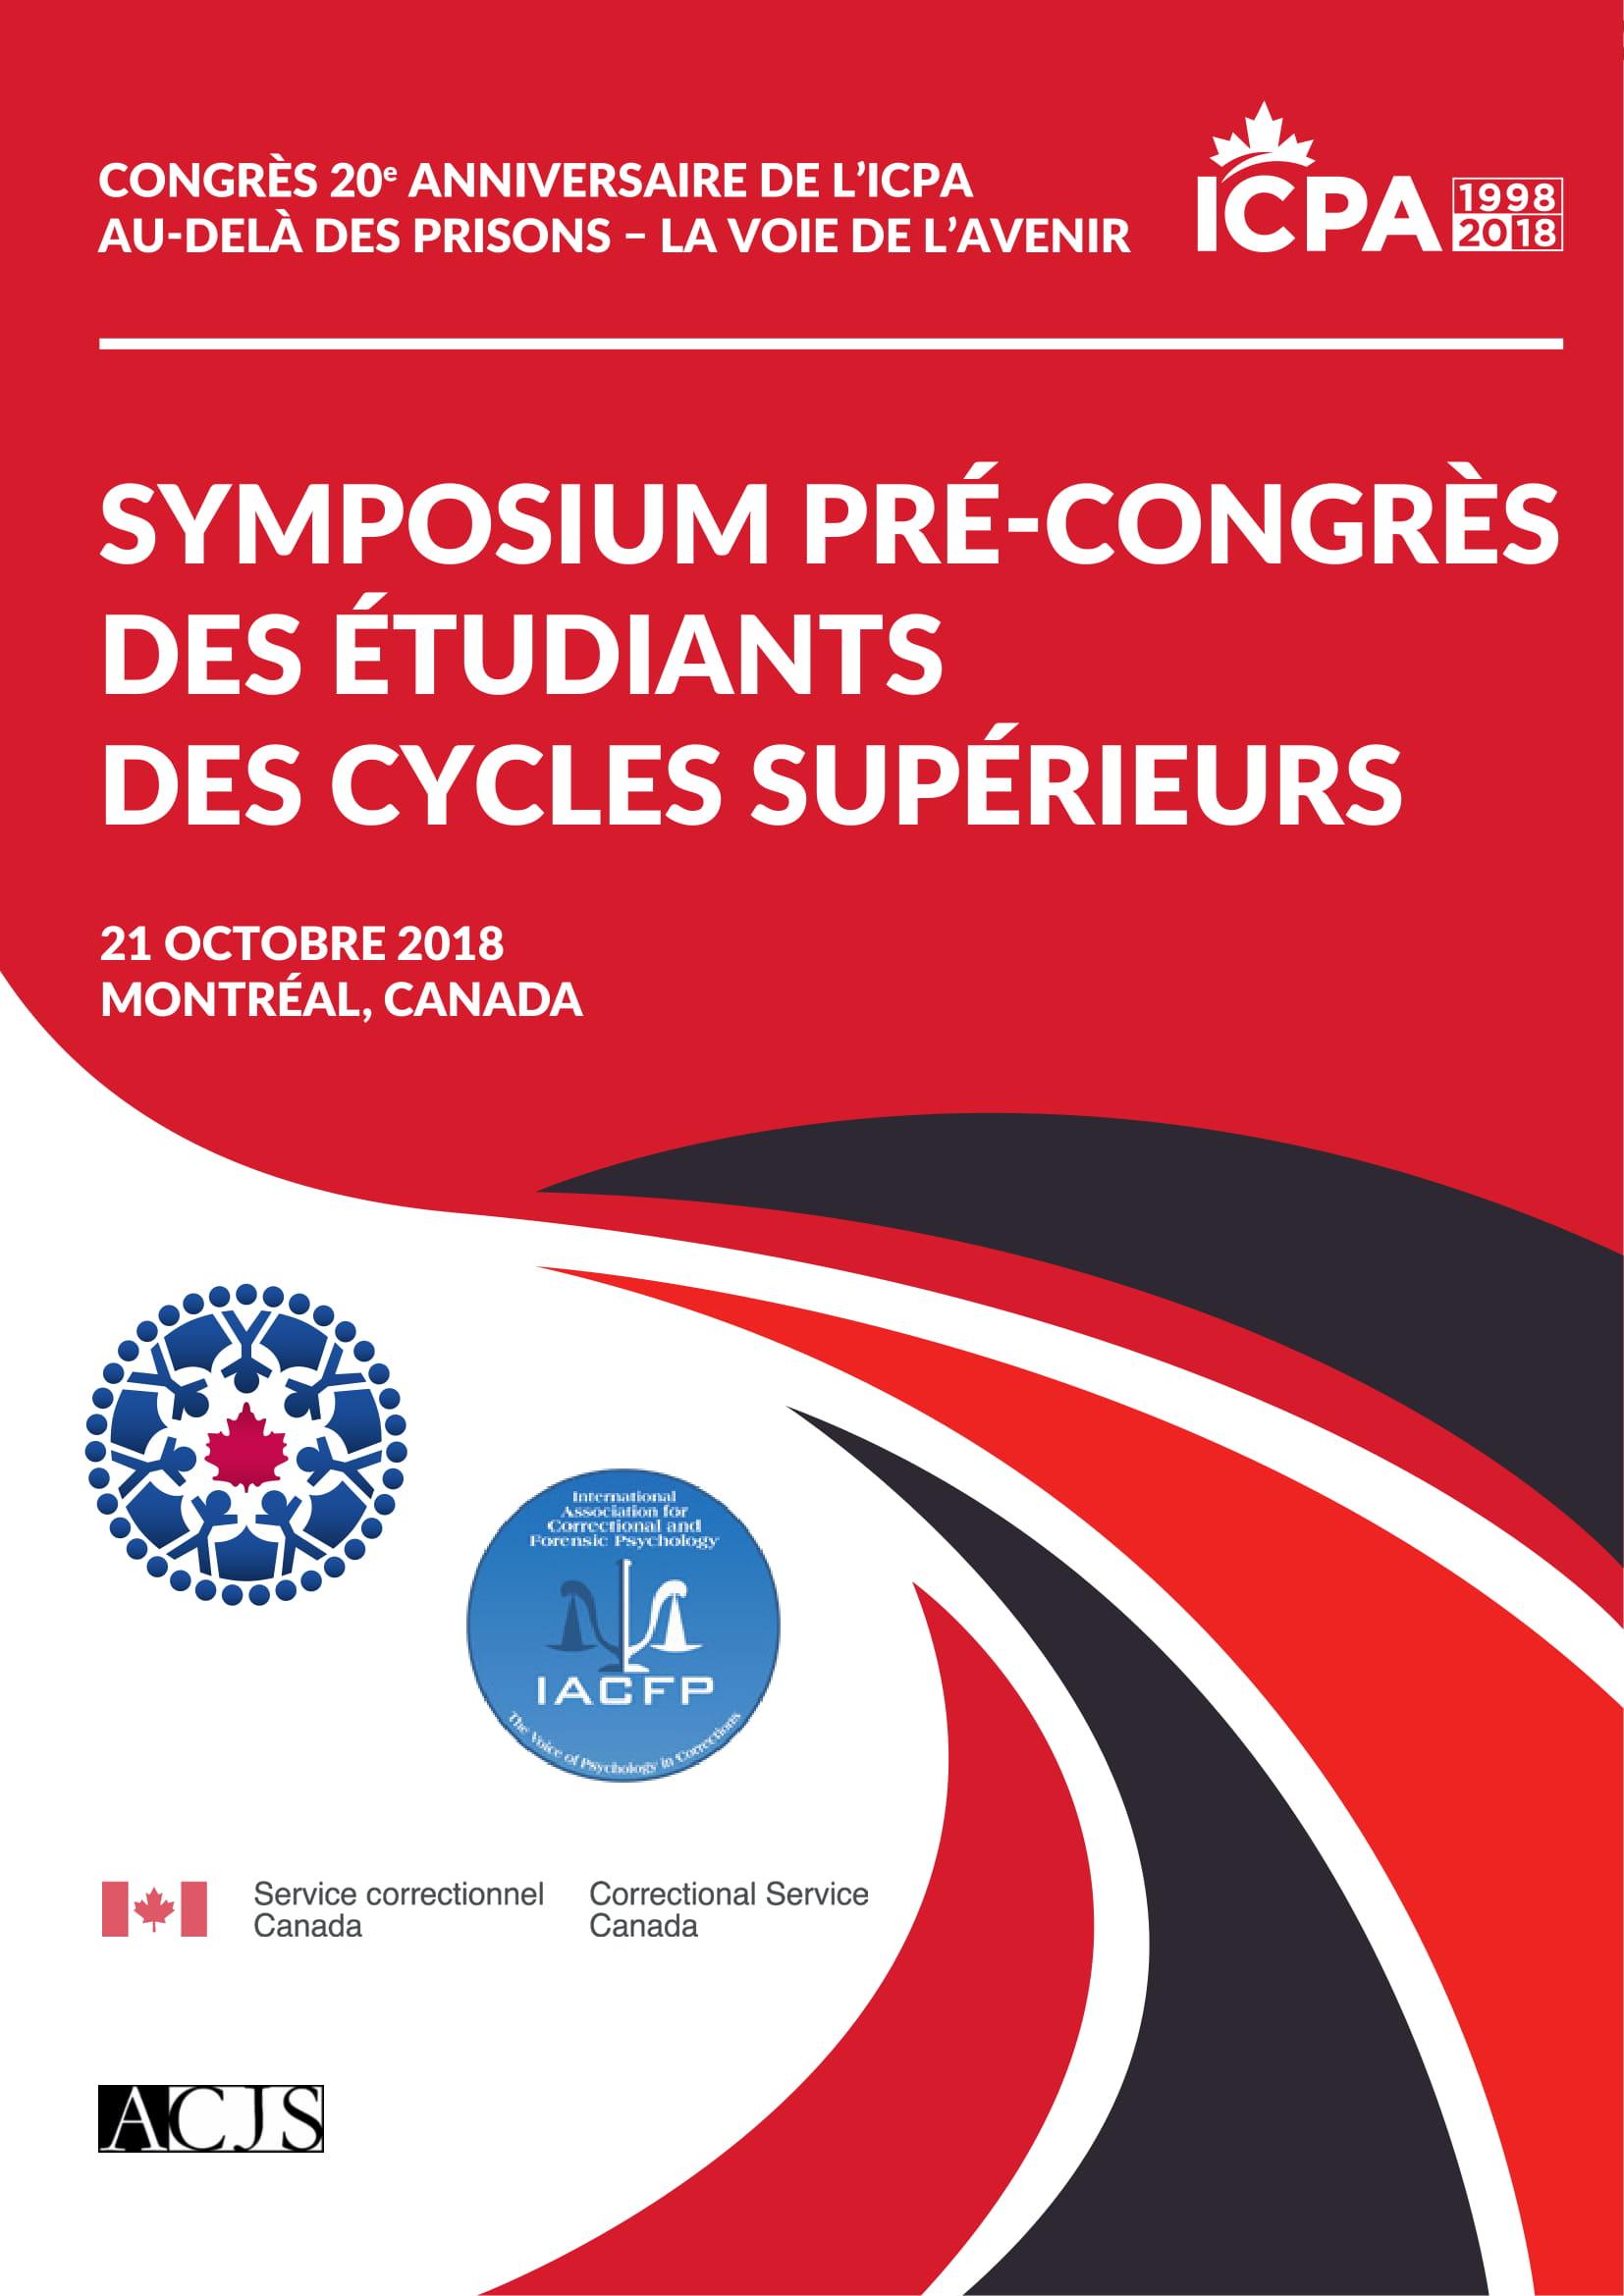 Symposium Pré-Congrès Des Étudiants Des Cycles Supérieurs